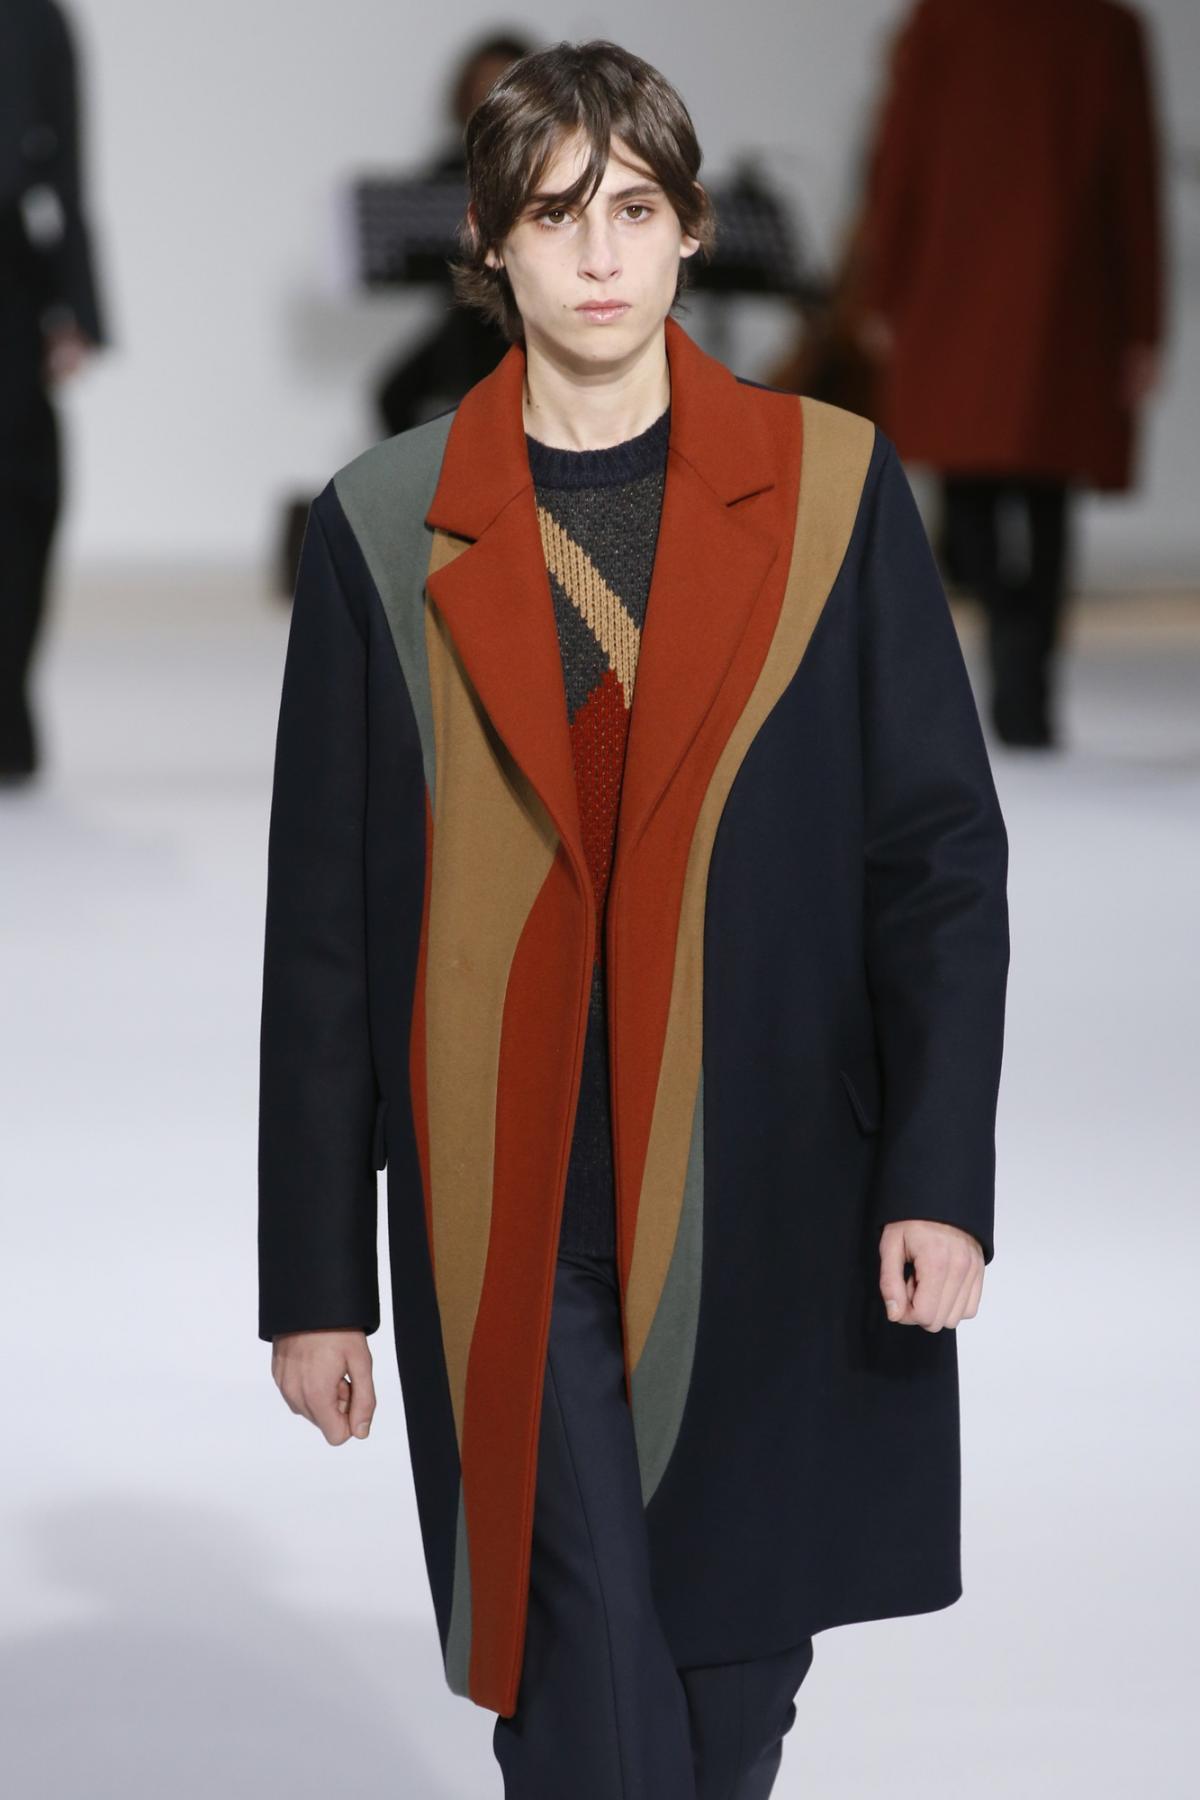 d3657122b1398 Clap de fin de la Fashion Week masculine hiver 2016-17